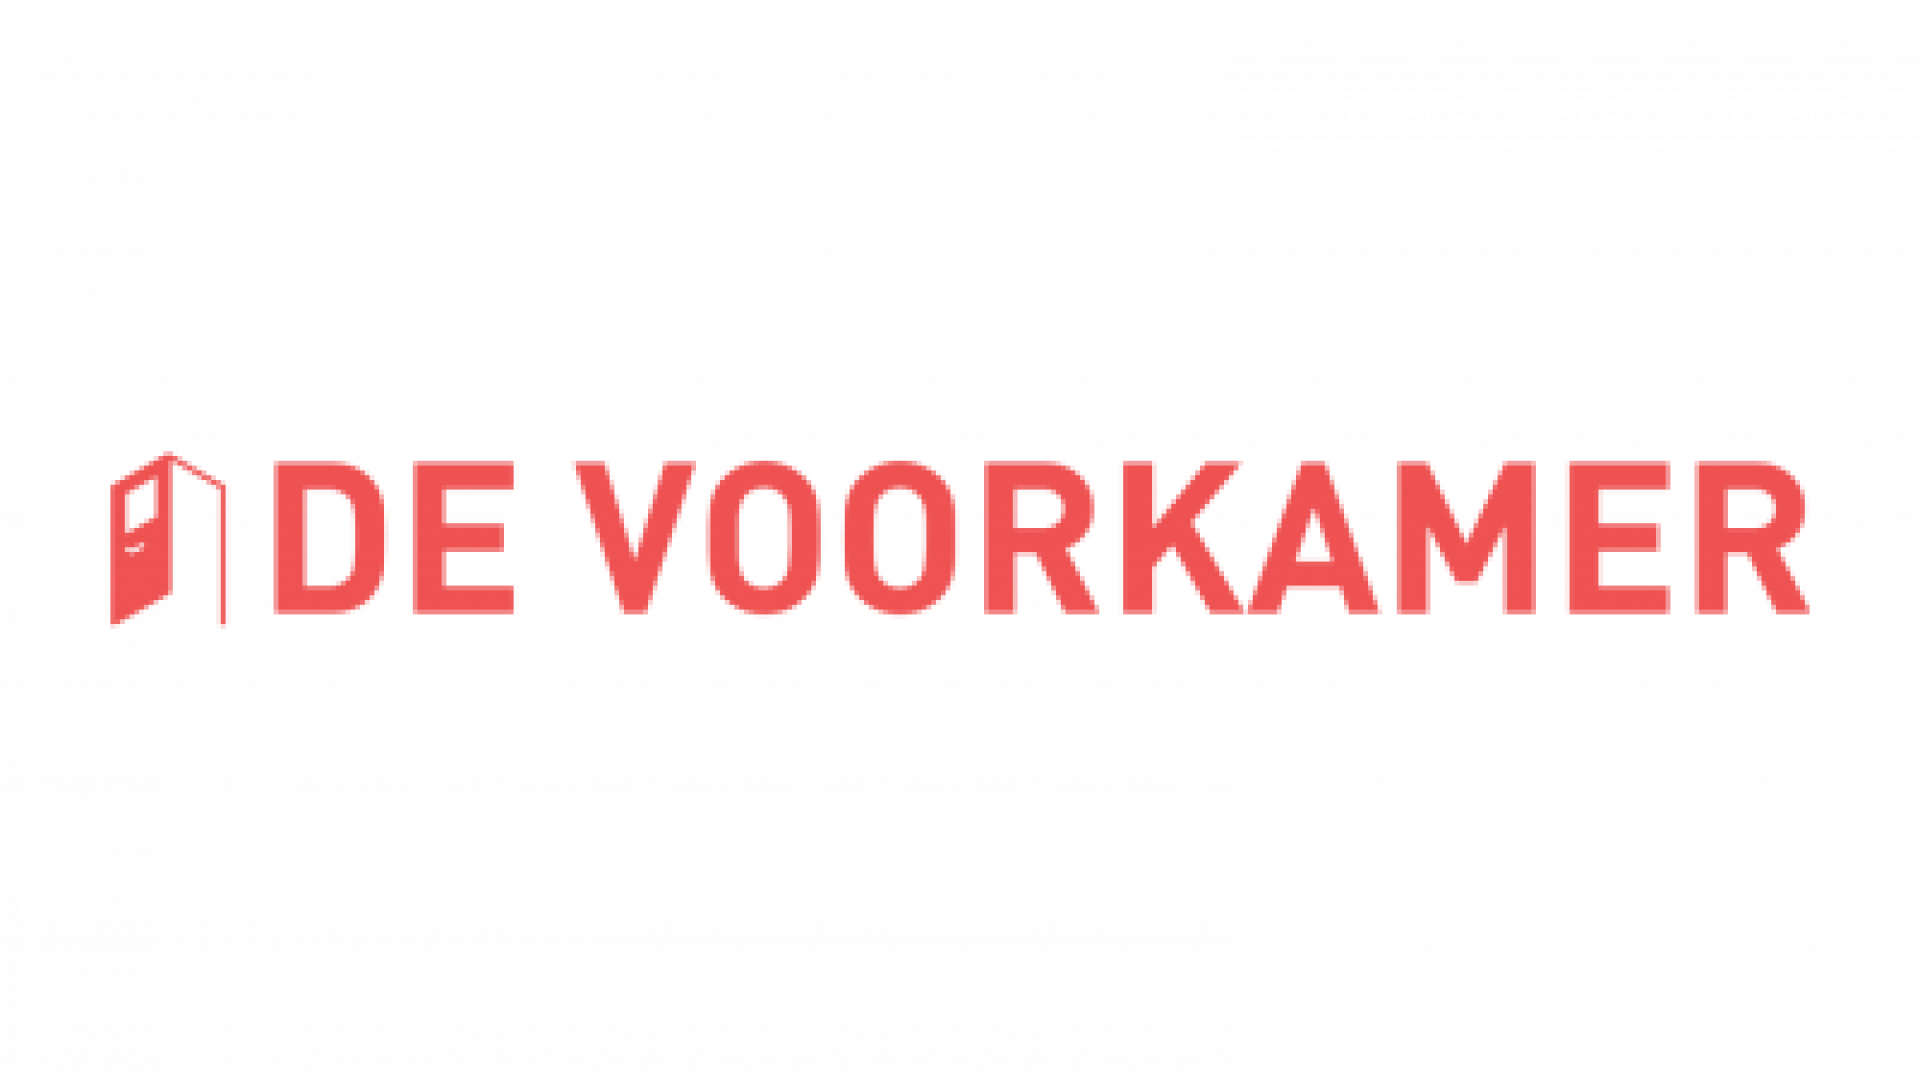 Logo De Voorkamer (Utrecht)